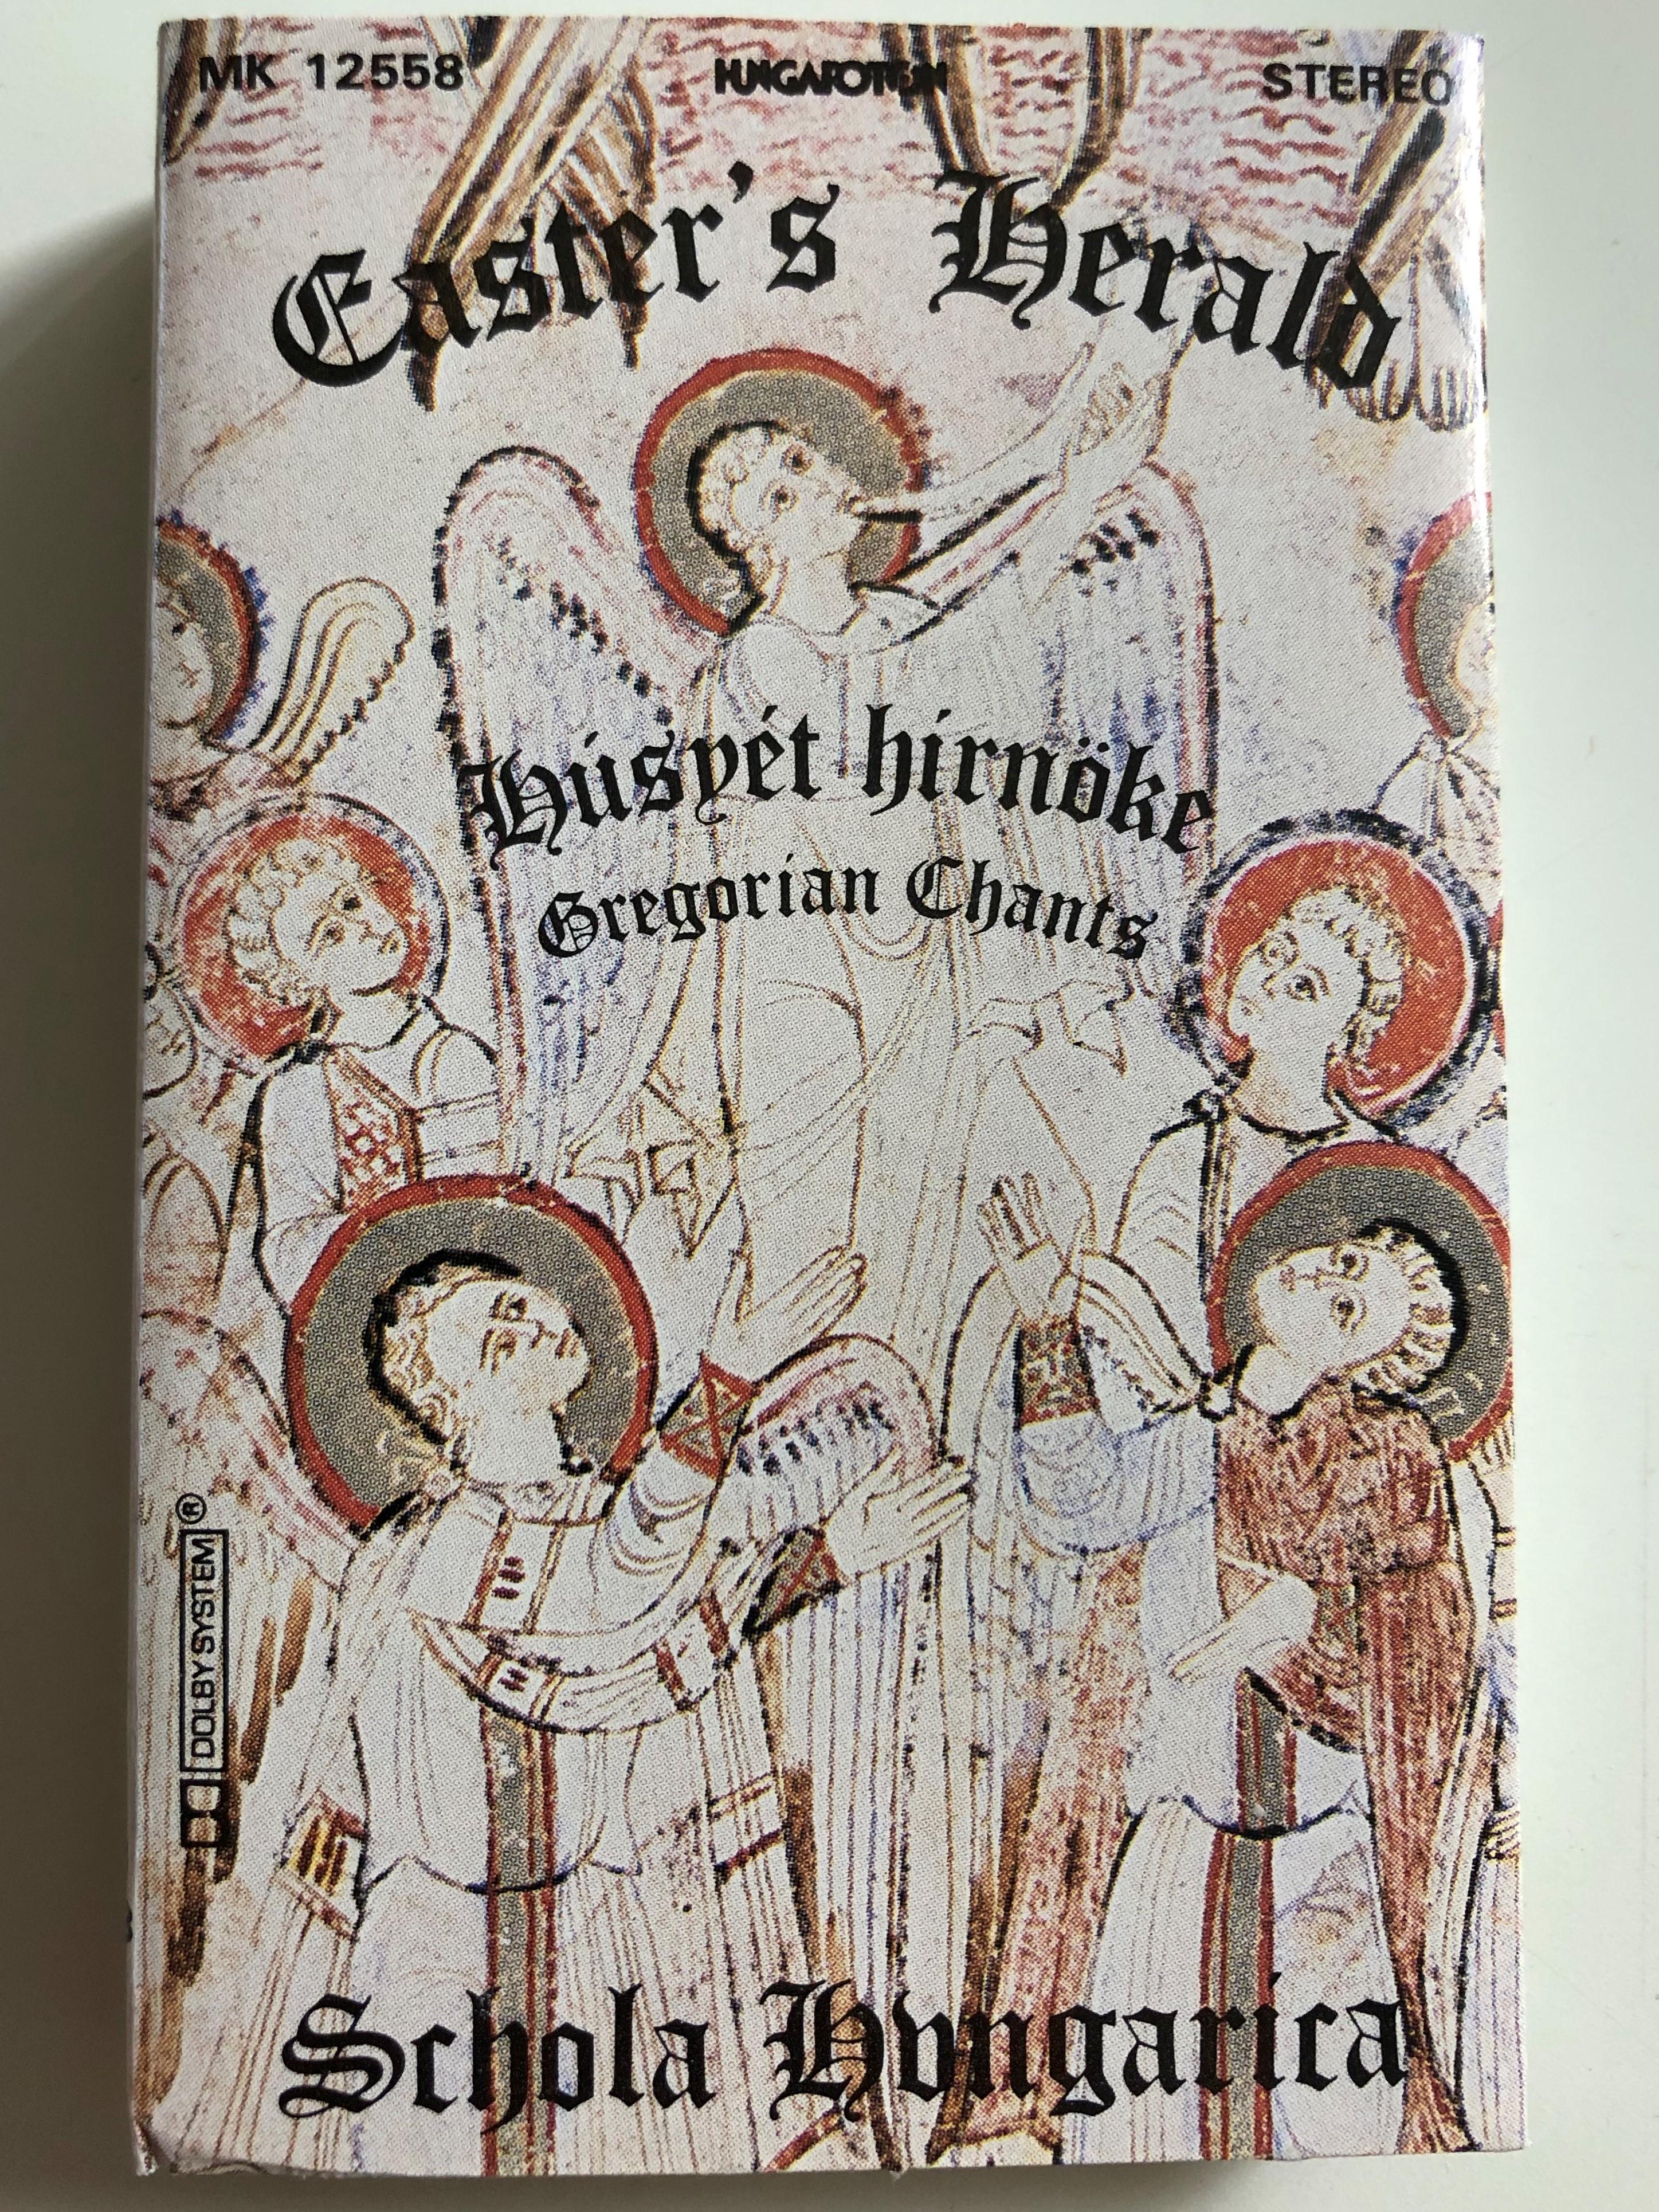 easter-s-herald-h-sv-t-h-rn-ke-gregorian-chants-schola-hungarica-hungaroton-cassette-stereo-mk-12558-1-.jpg